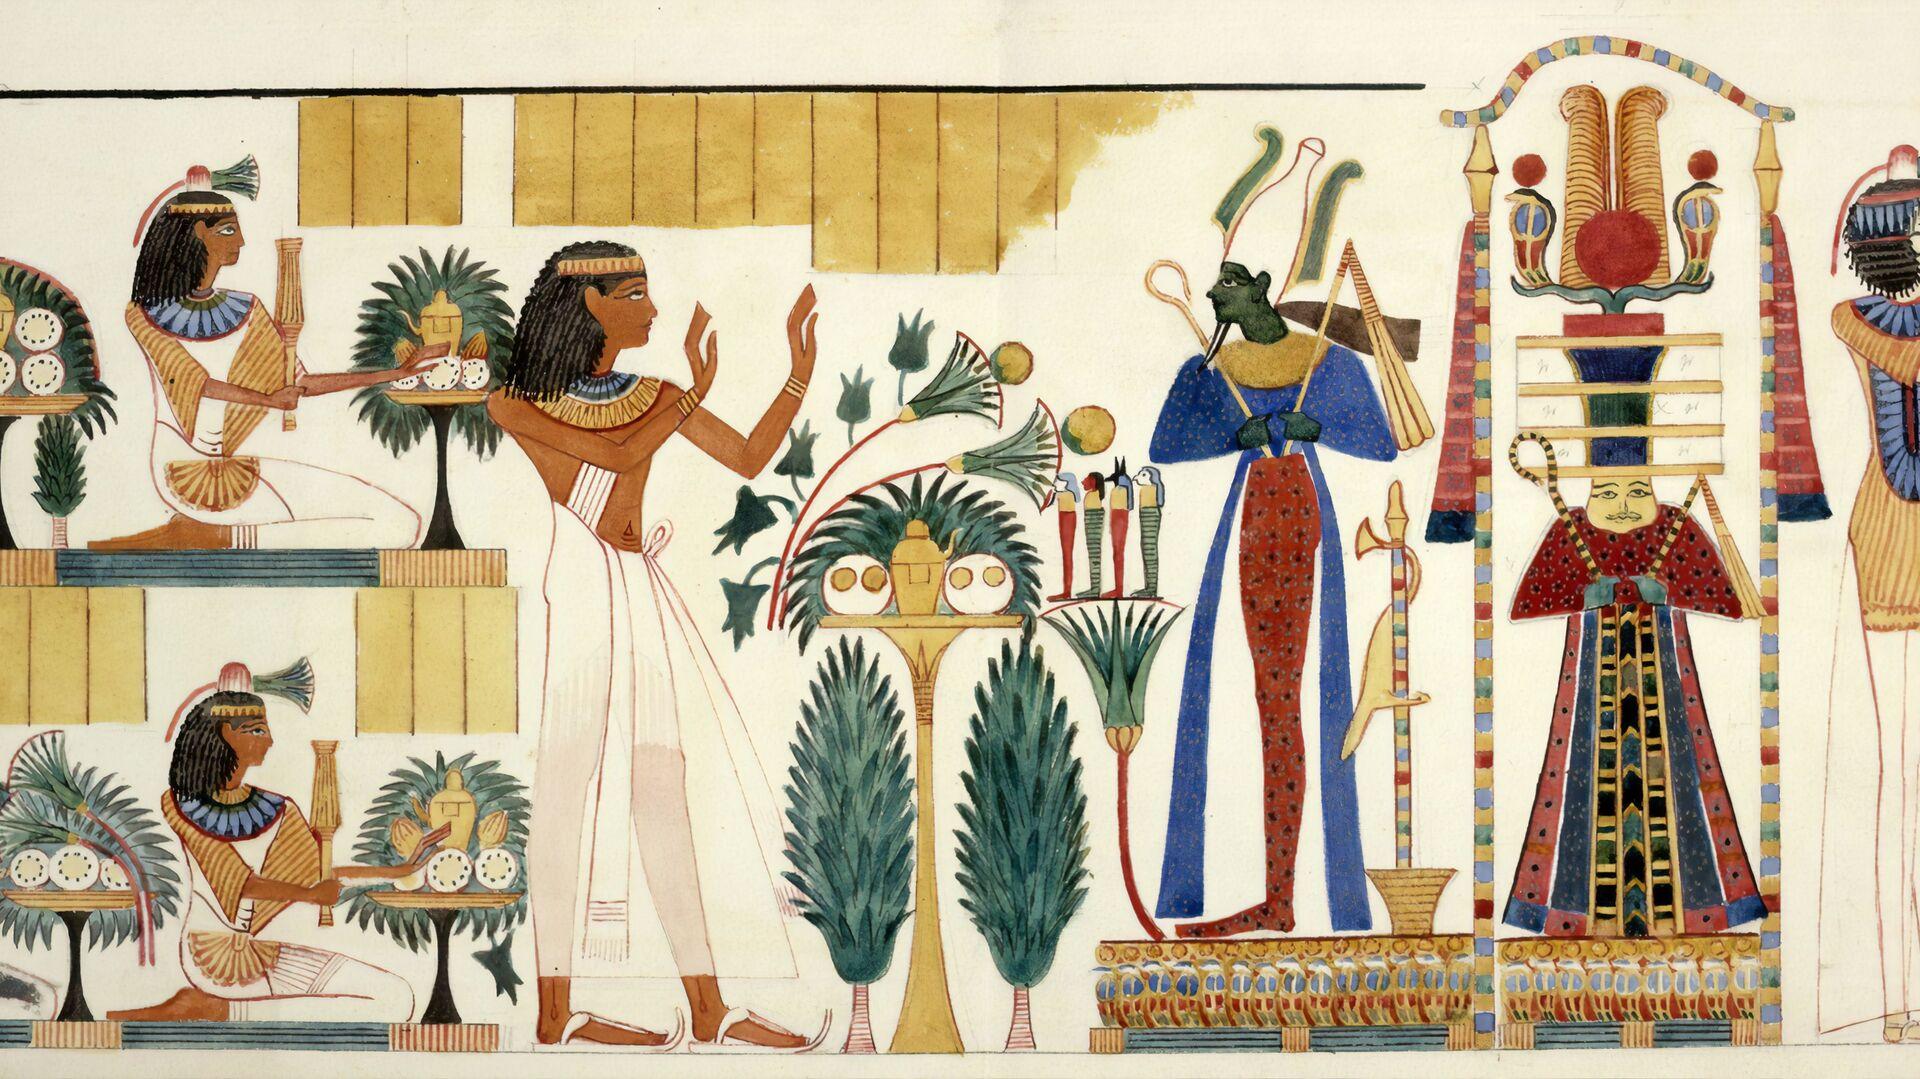 Conos en el Antiguo Egipto, imagen ilustrativa - Sputnik Mundo, 1920, 23.03.2021